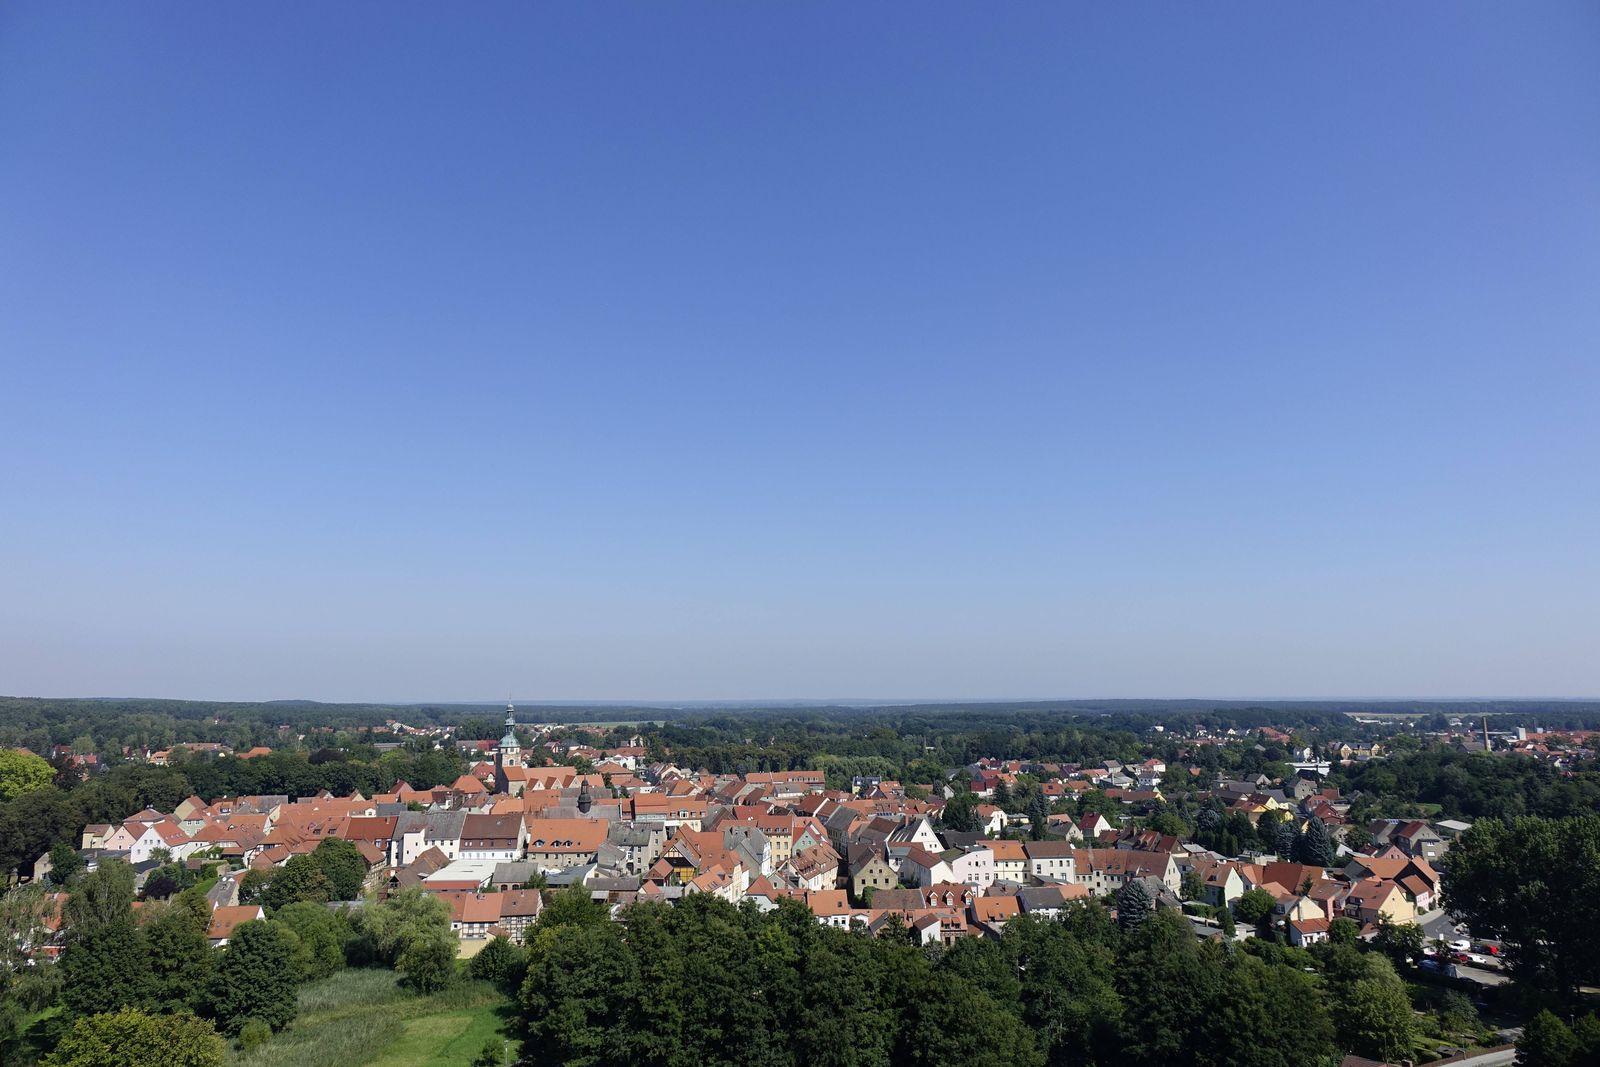 27 08 2016 Bad Belzig Brandenburg Bad Belzig von Burg Eisenhardt aus Ort Stadt Bad Belzig Hä